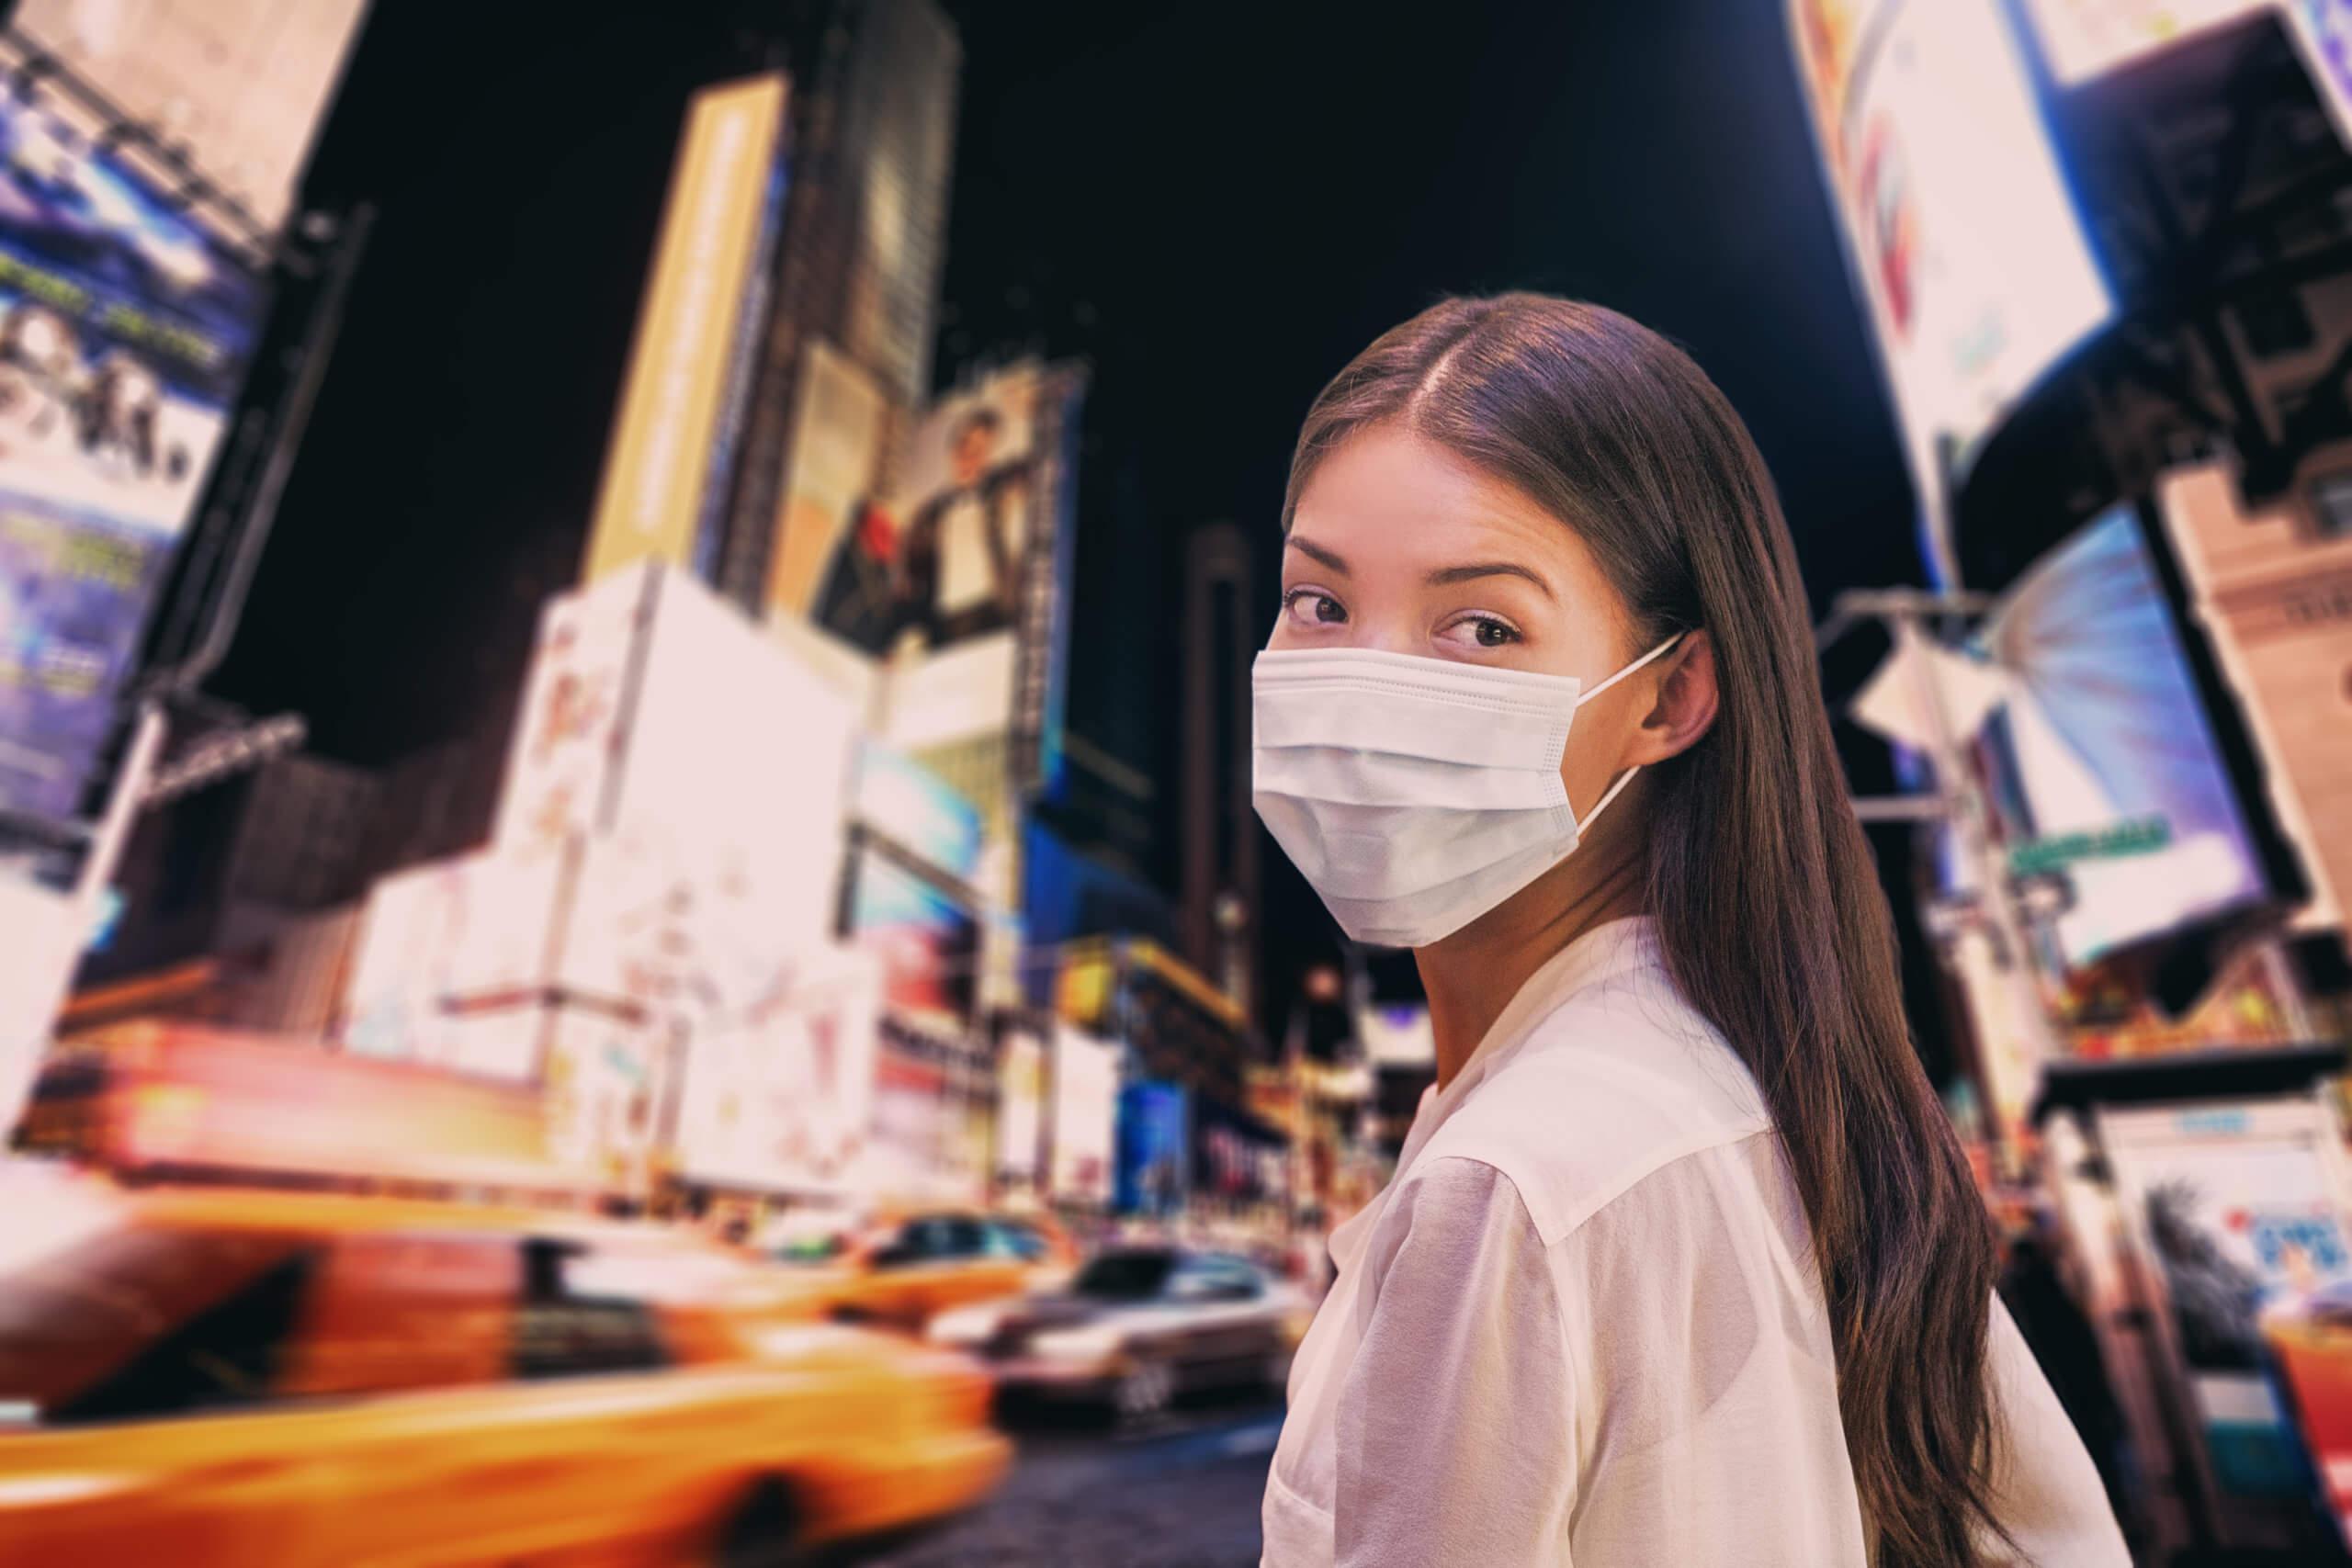 Travel information coronavirus in NYC